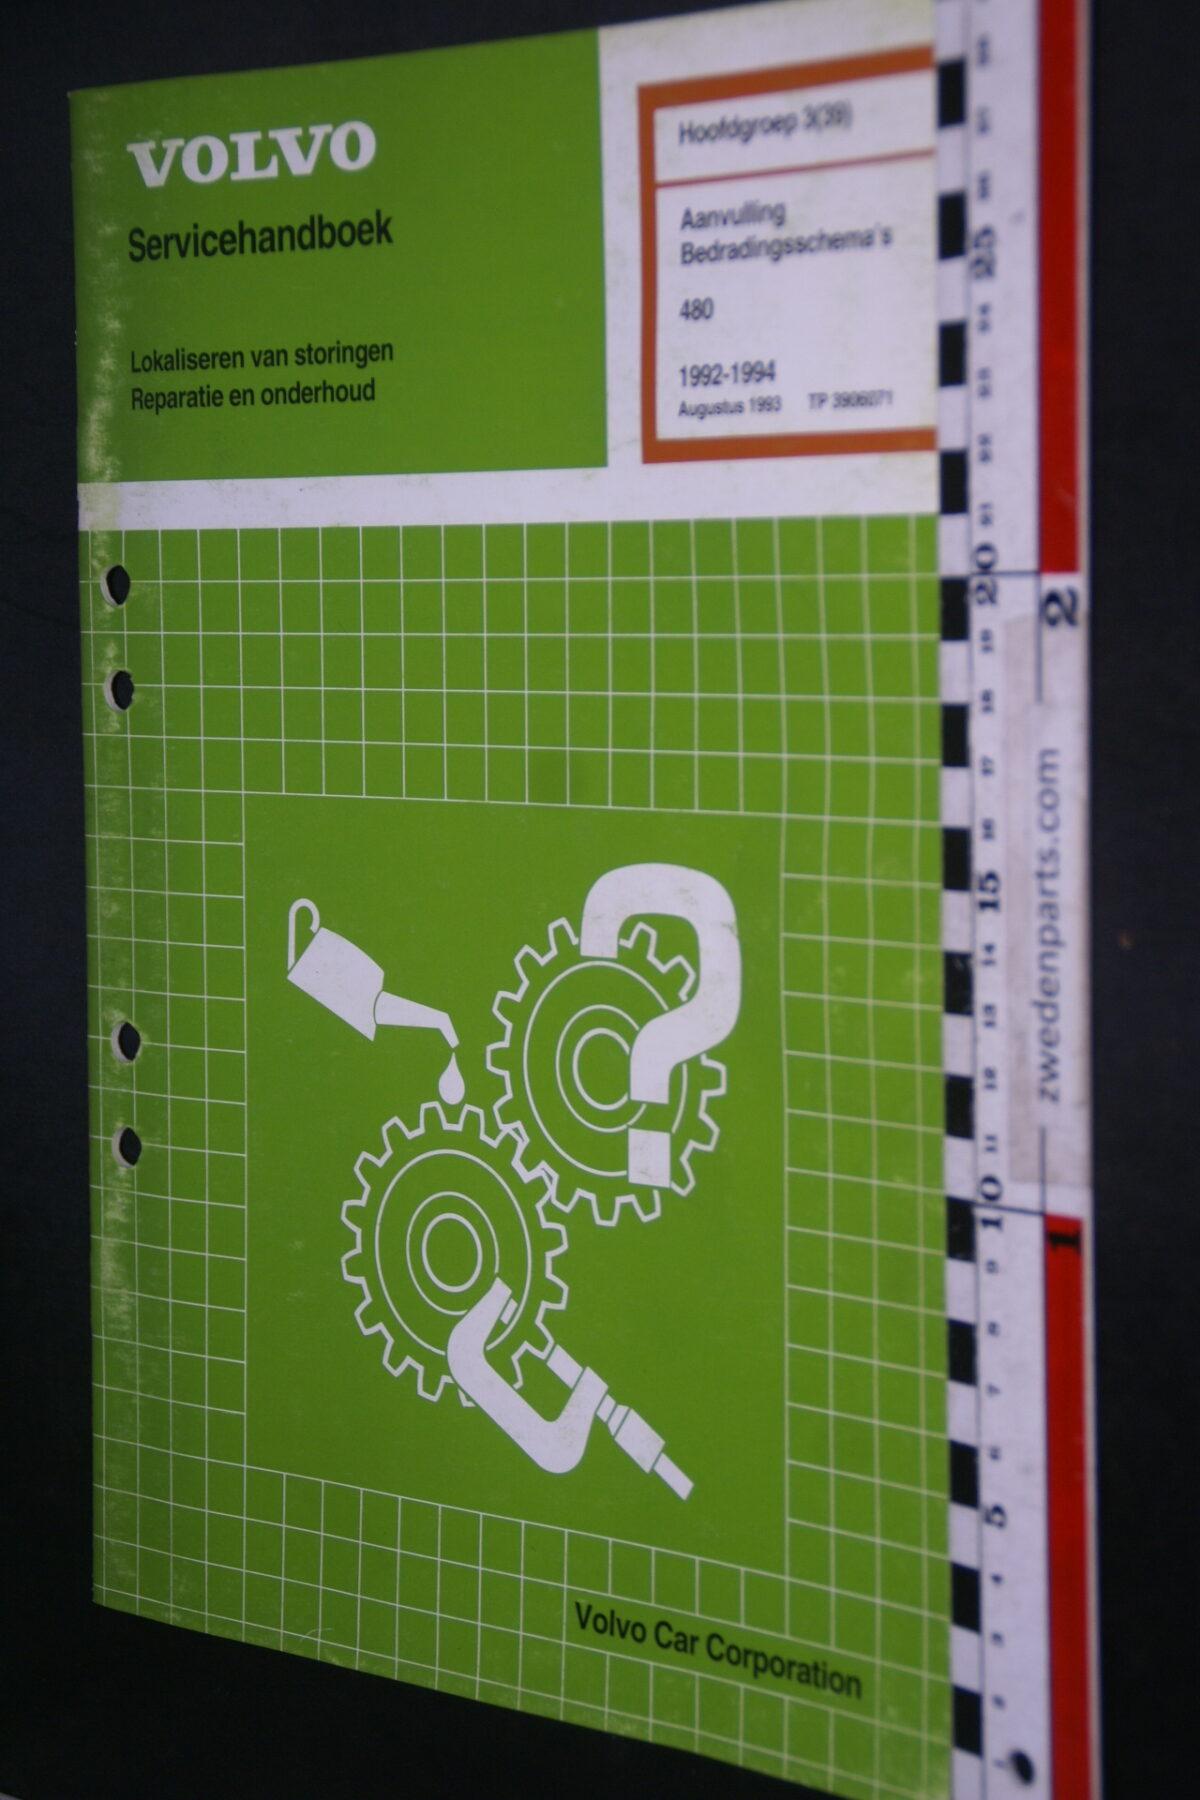 DSC08852 1993 origineel Volvo 480 servicehandboek  3 (39) bedradingsschema 1 van 1.200 TP 3906071